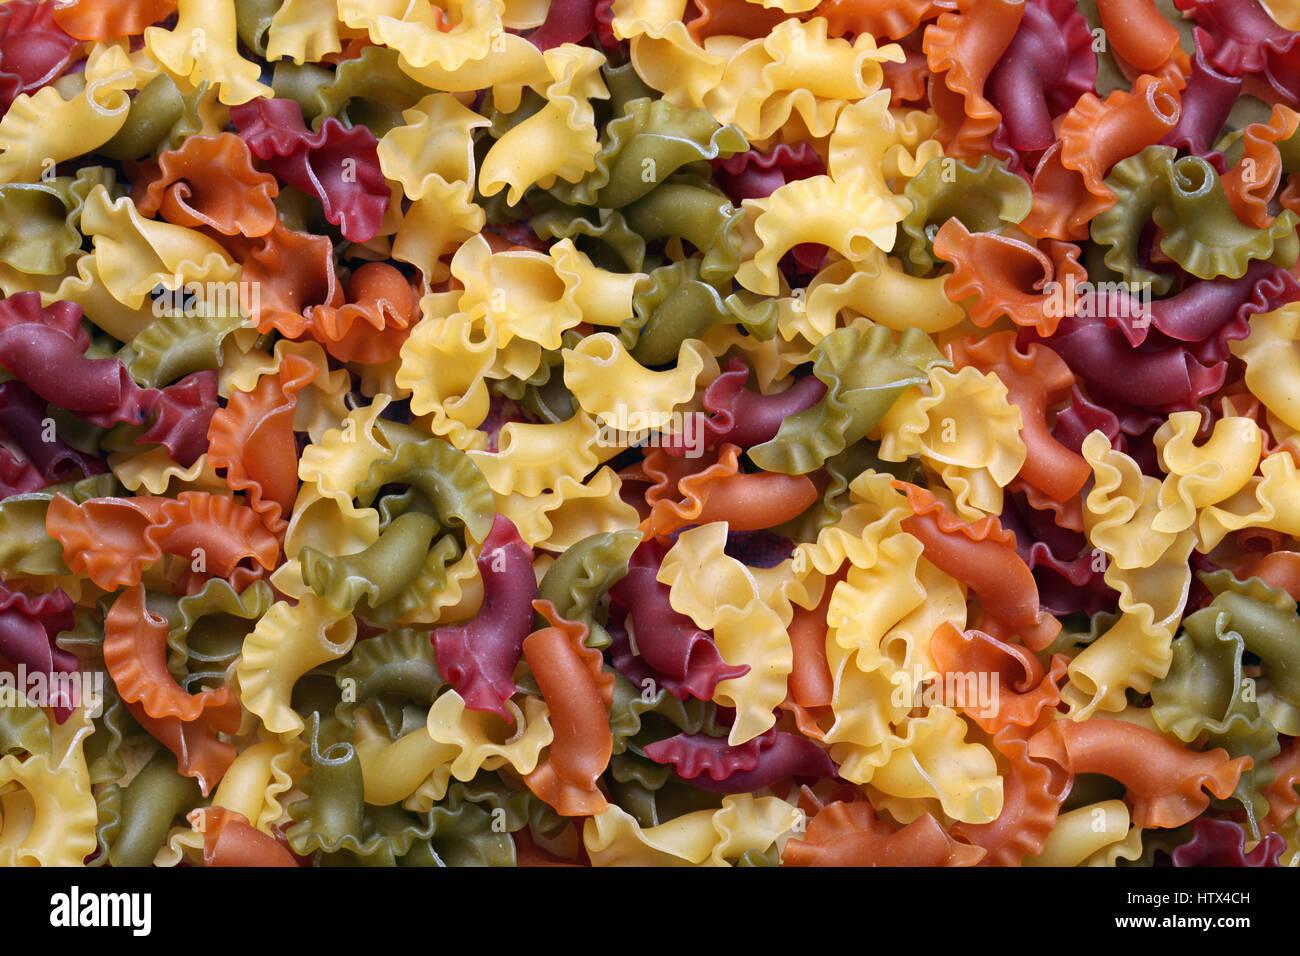 Traditionelle hausgemachte italienische Pasta-Hintergrundbild Stockbild